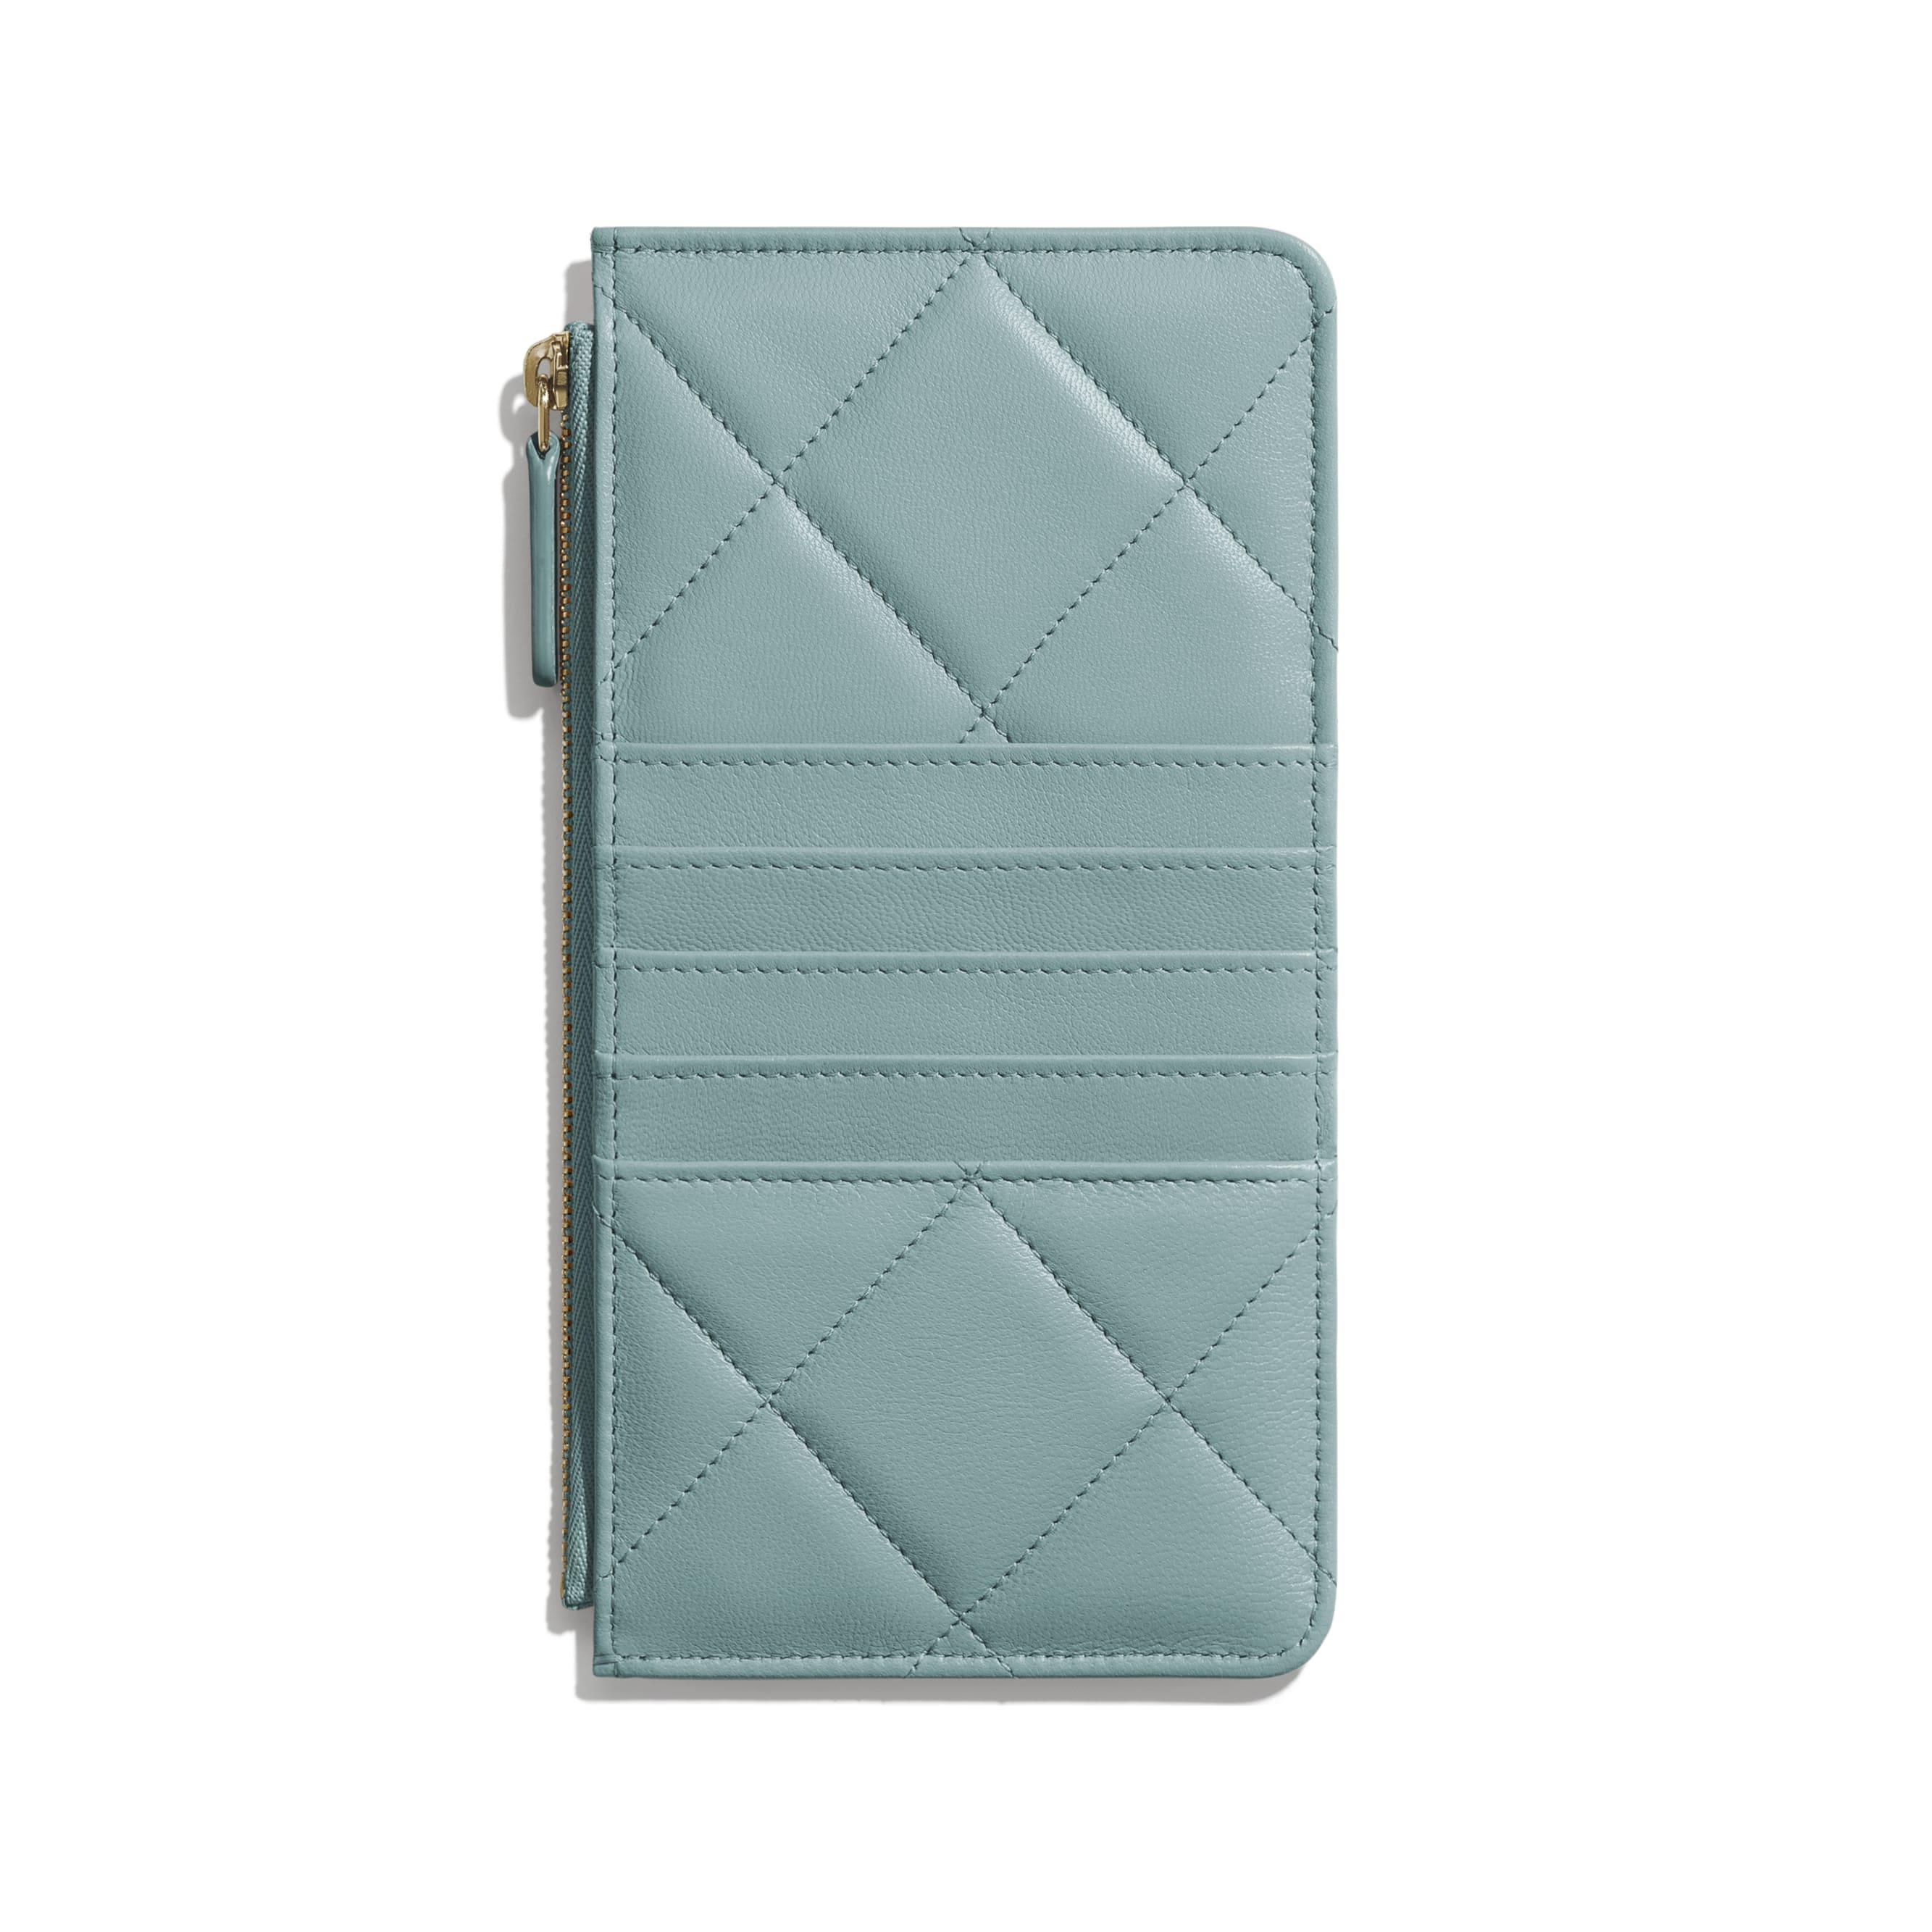 กระเป๋าใส่โทรศัพท์มือถือและบัตร CHANEL 19 - สีฟ้า - หนังแพะเคลือบเงา สีทอง สีเงิน และโลหะเคลือบรูทีเนียม - มุมมองทางอื่น - ดูเวอร์ชันขนาดมาตรฐาน